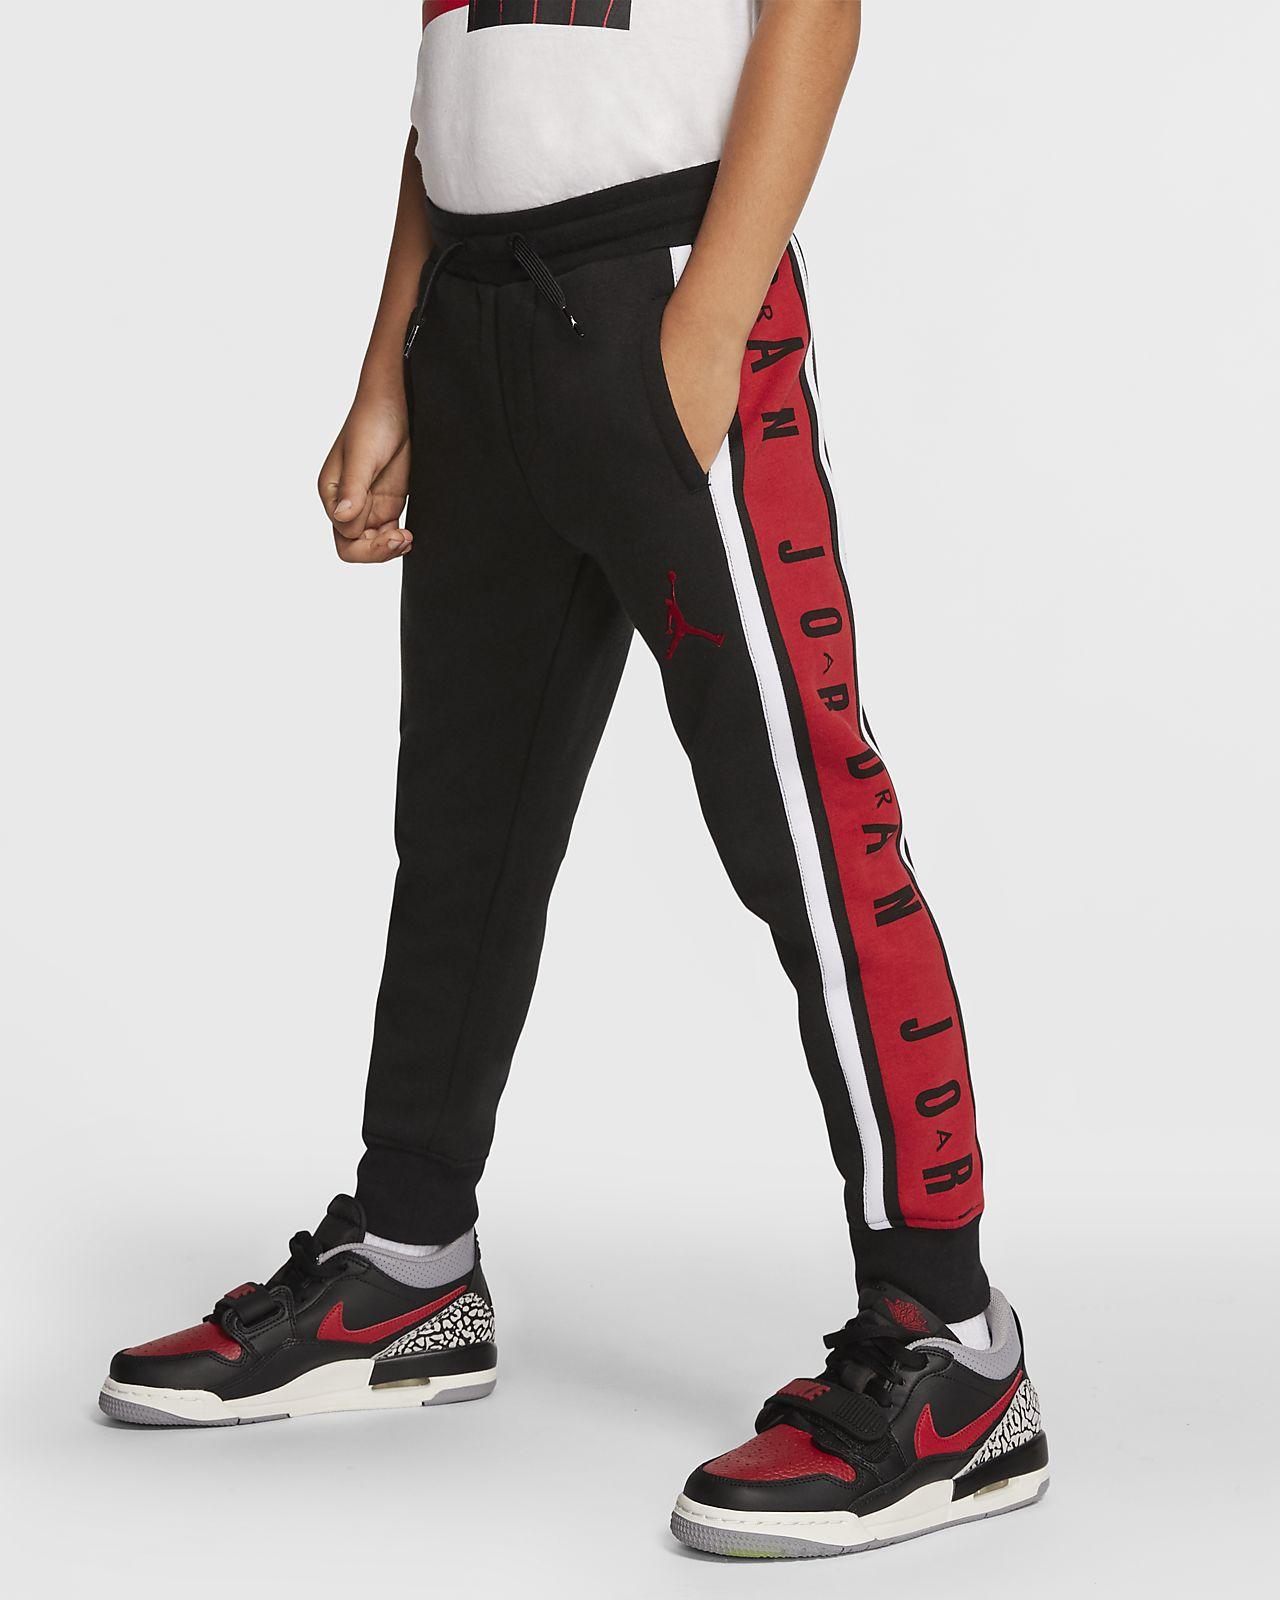 Air Jordan Color-Blocked Taped 幼童长裤